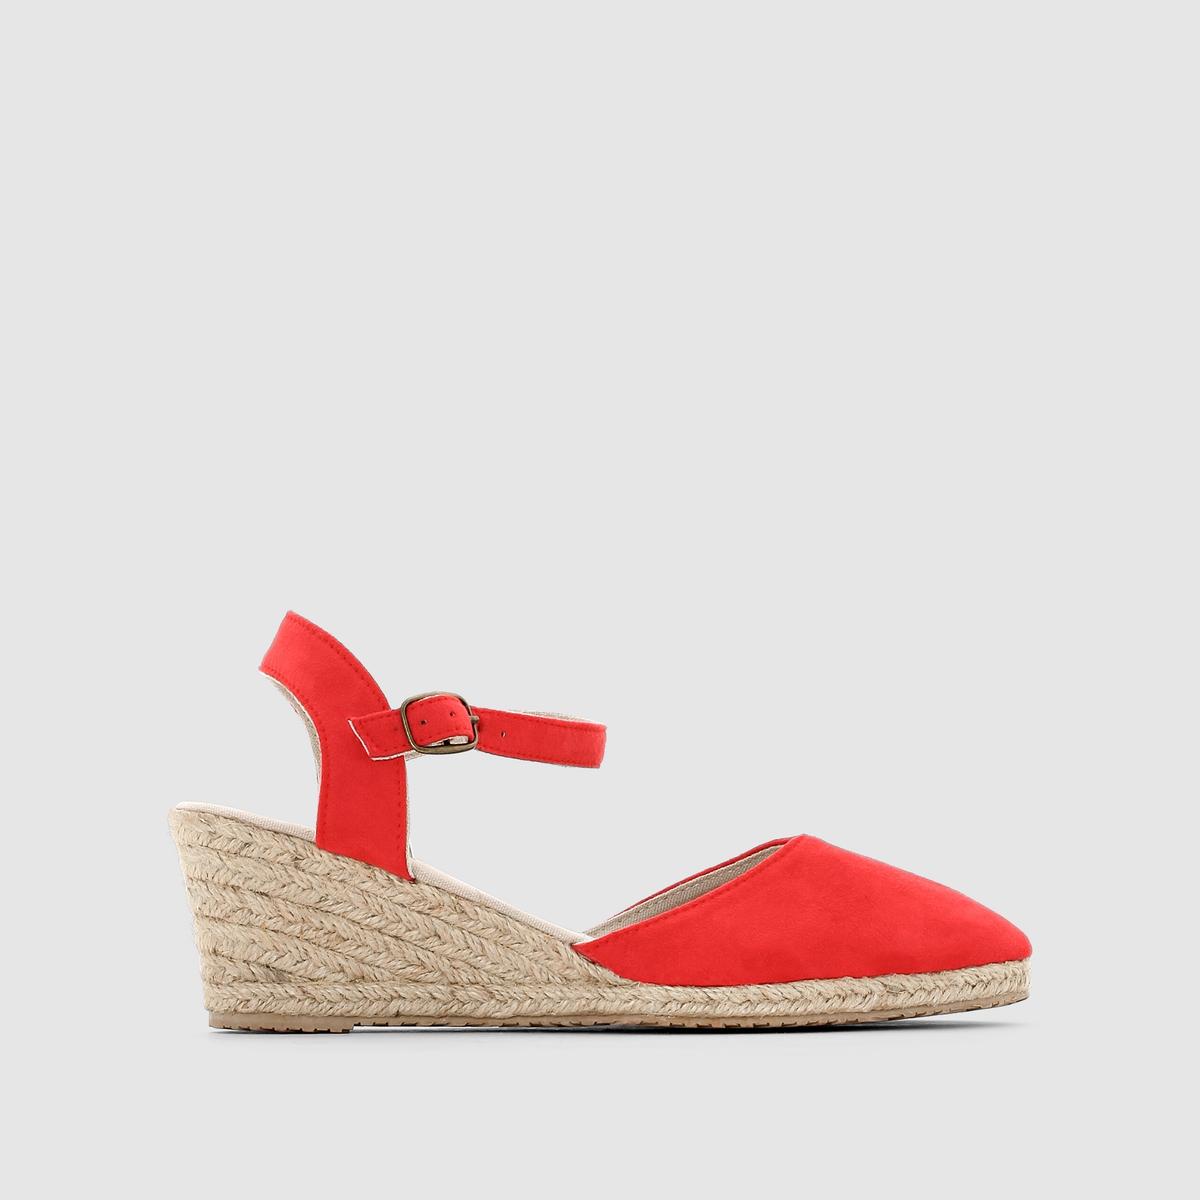 Босоножки на высоком каблуке R ESSENTIELЛетнее настроение и плетеный эффект для яркого образа.<br><br>Цвет: красный<br>Размер: 39